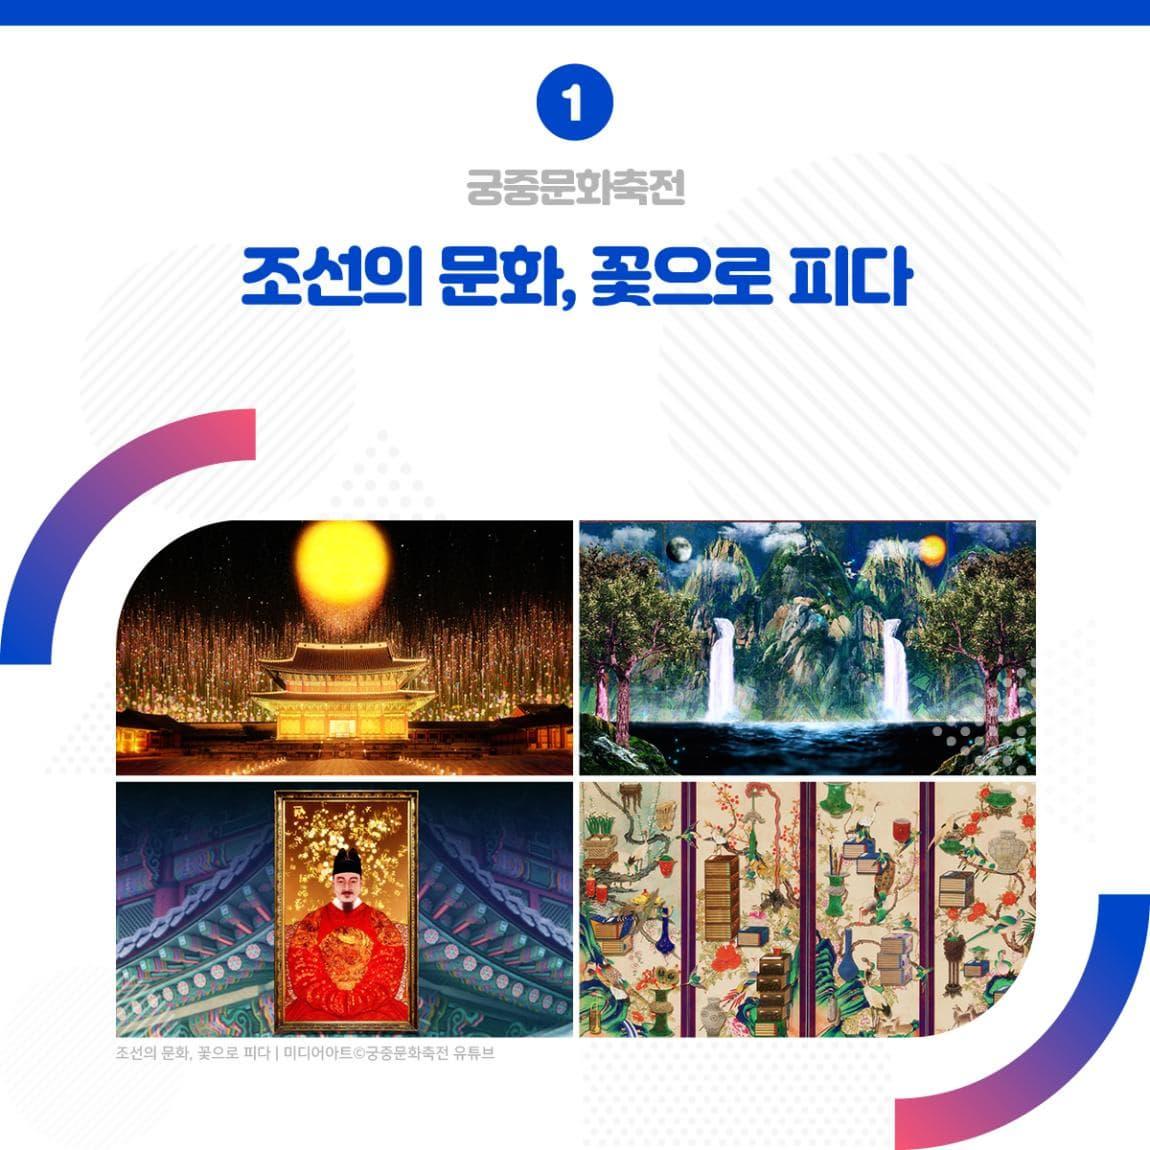 01. 궁중문화축전 <조선의 문화, 꽃으로 피다>